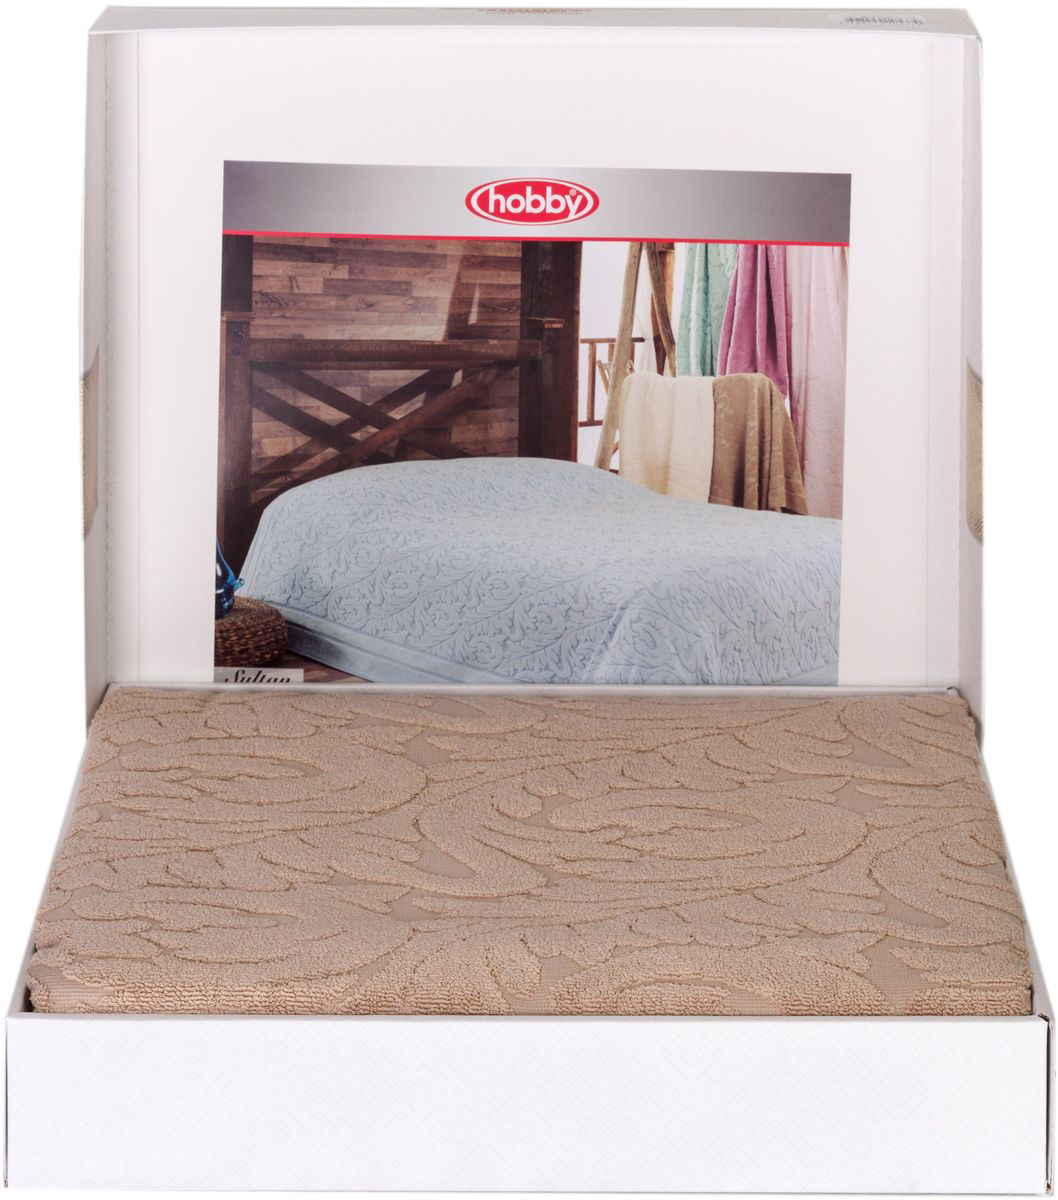 Покрывало Hobby Home Collection Sultan, цвет: бежевый, 200 х 220 смSC-FD421005Шикарное покрывало Hobby Home Collection Sultan изготовлено из 100% хлопка высшей категории. Оно обладает замечательными дышащими свойствами и будет хорошо смотреться как на диване, так и на большой кровати. Данное покрывало можно также использовать в качестве одеяла.